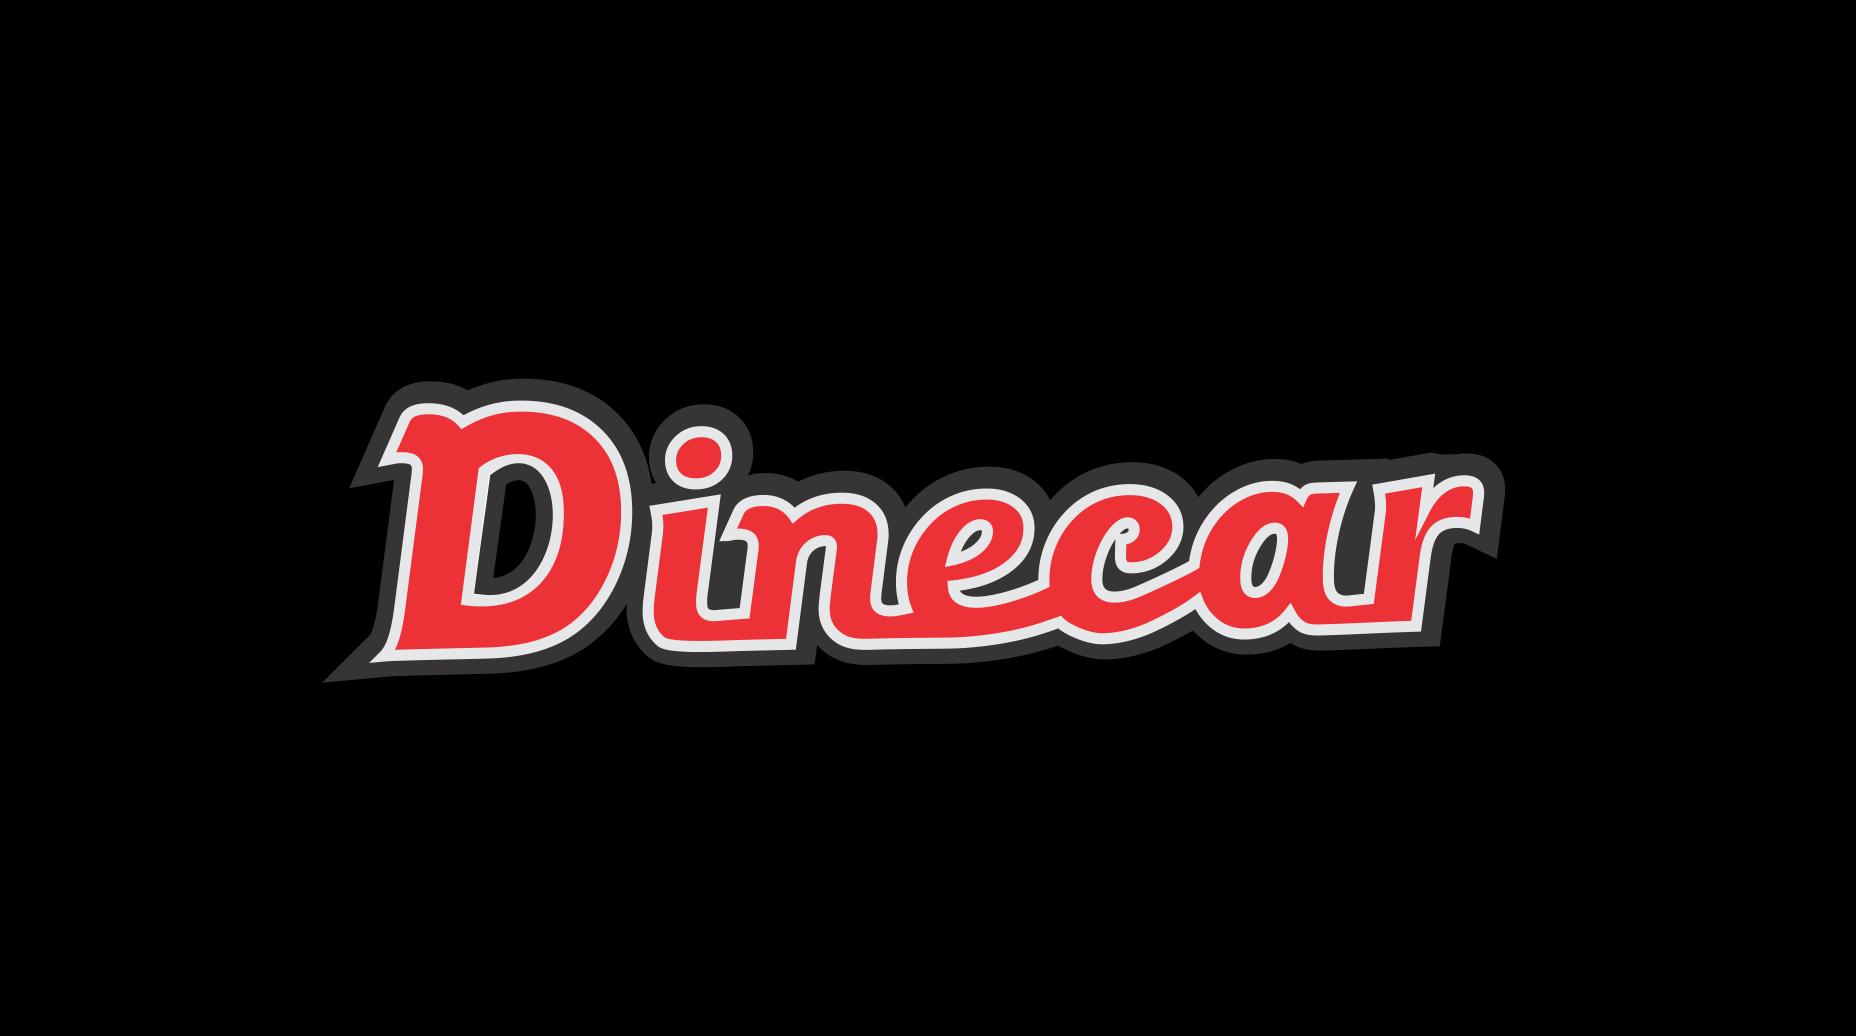 (c) Dinecar.com.br